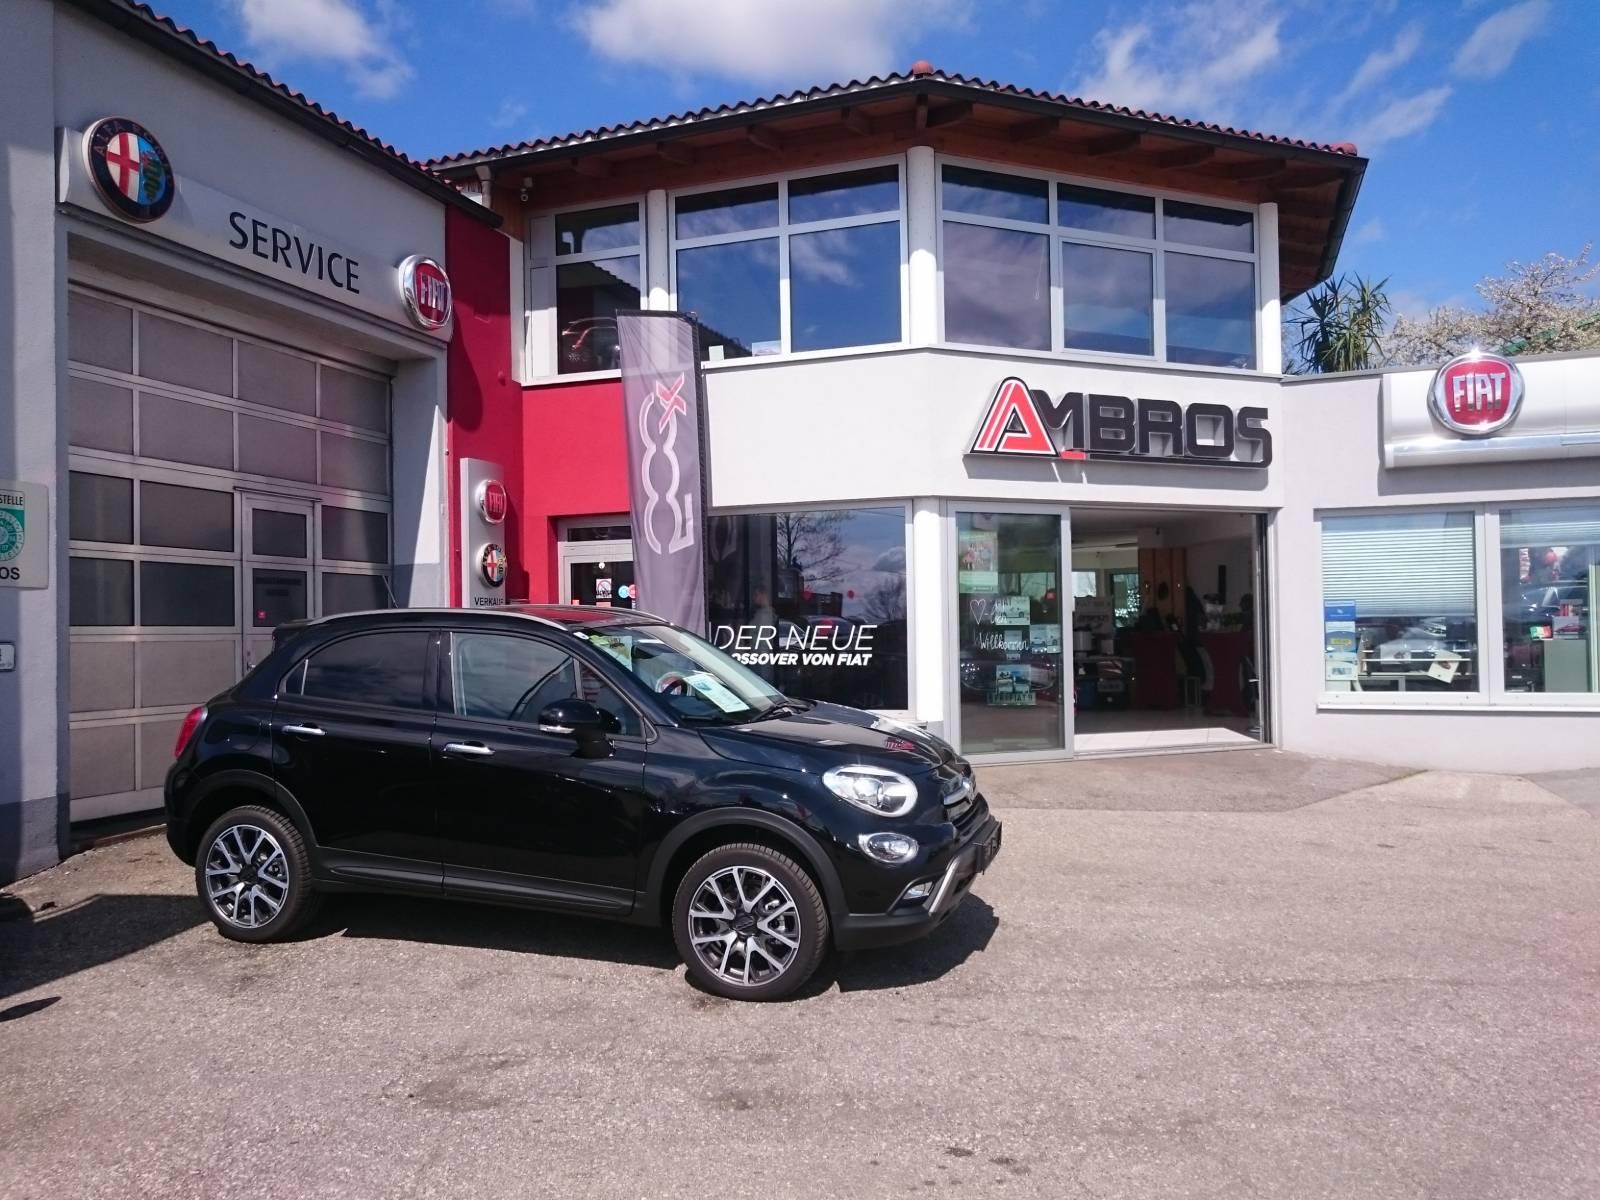 Ambros Automobile Tragwein